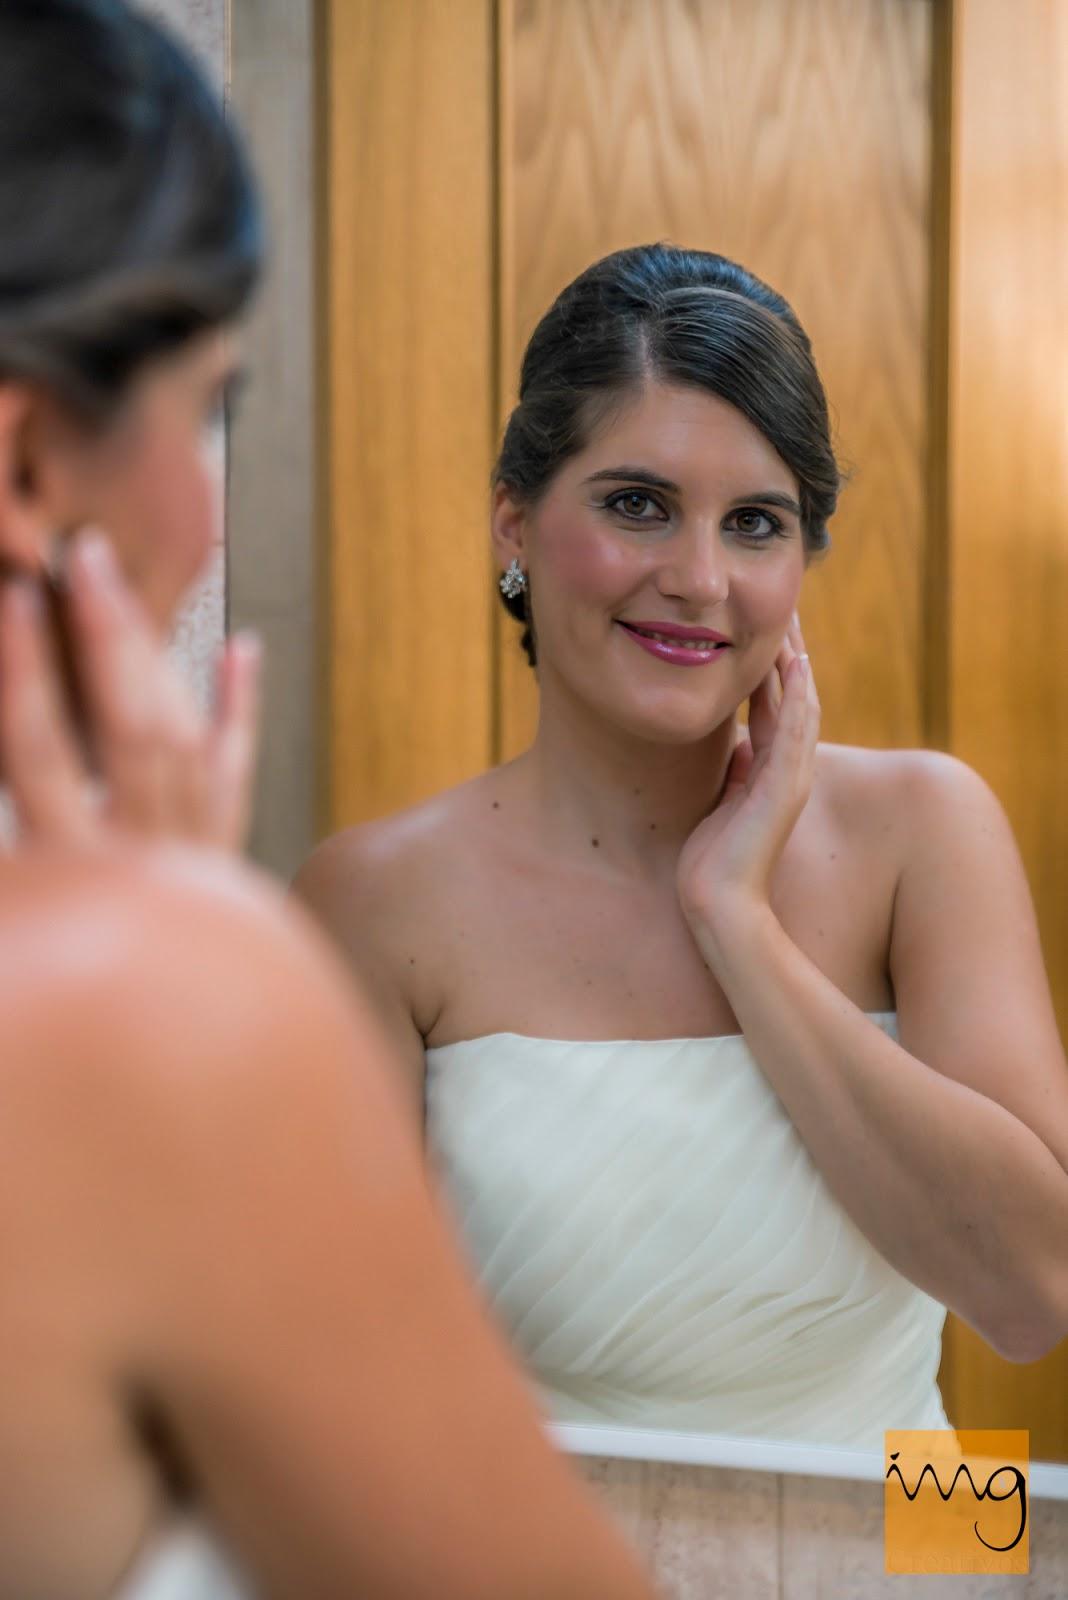 Fotografía de la novia en el espejo